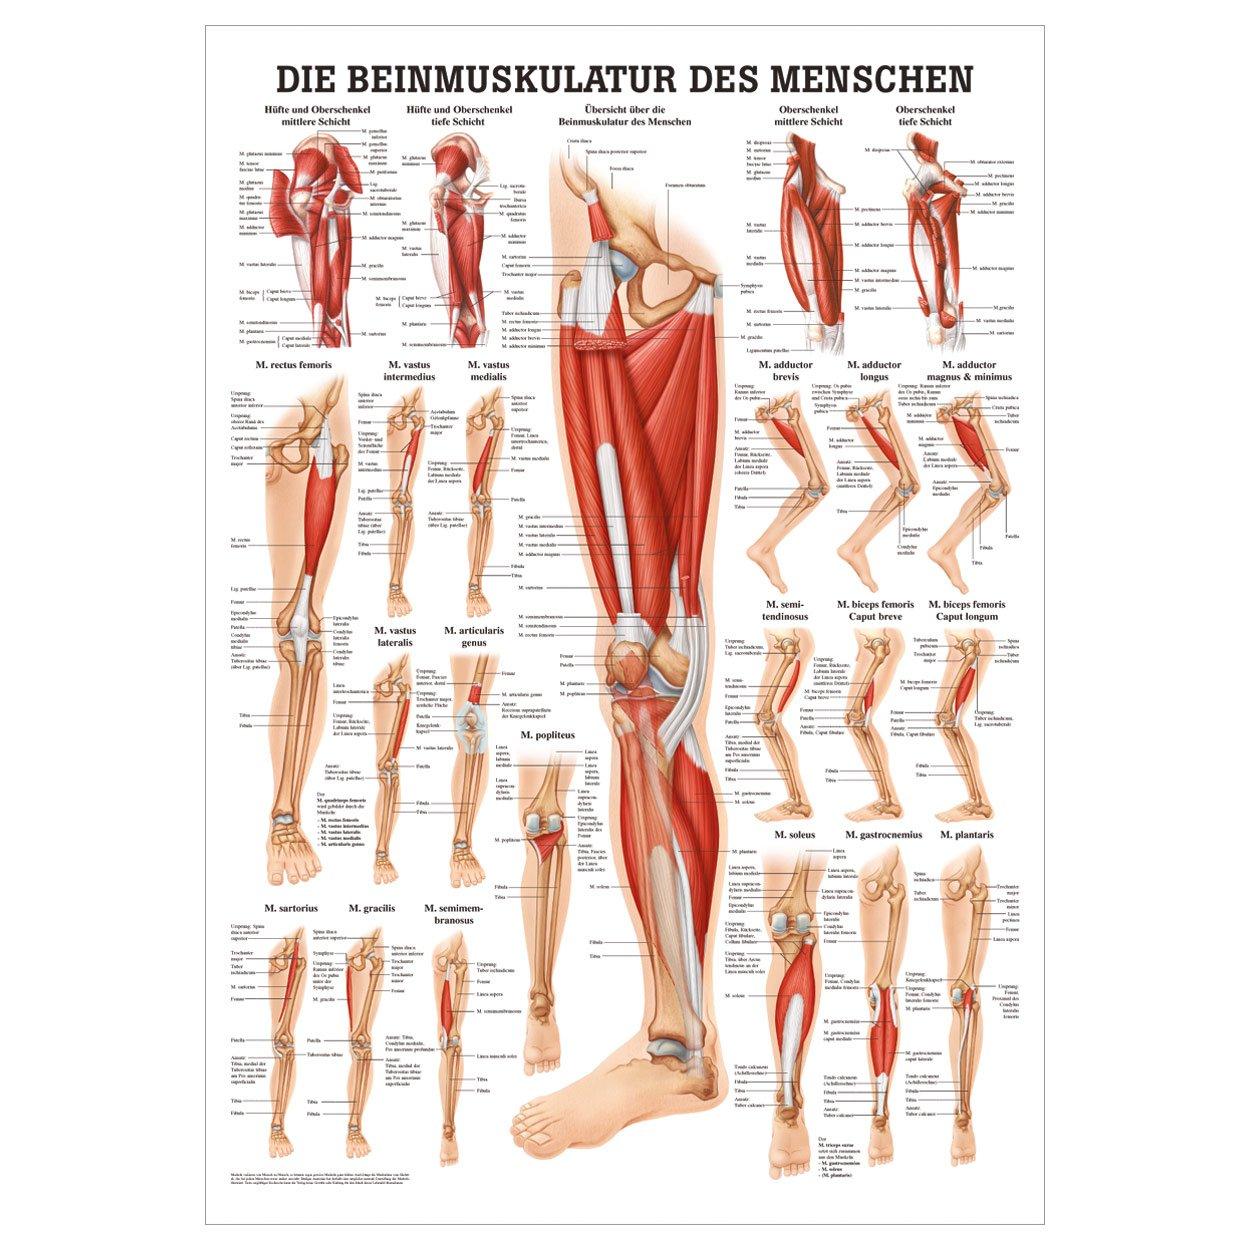 Ausgezeichnet Hüfte Des Menschlichen Körpers Fotos - Anatomie Ideen ...